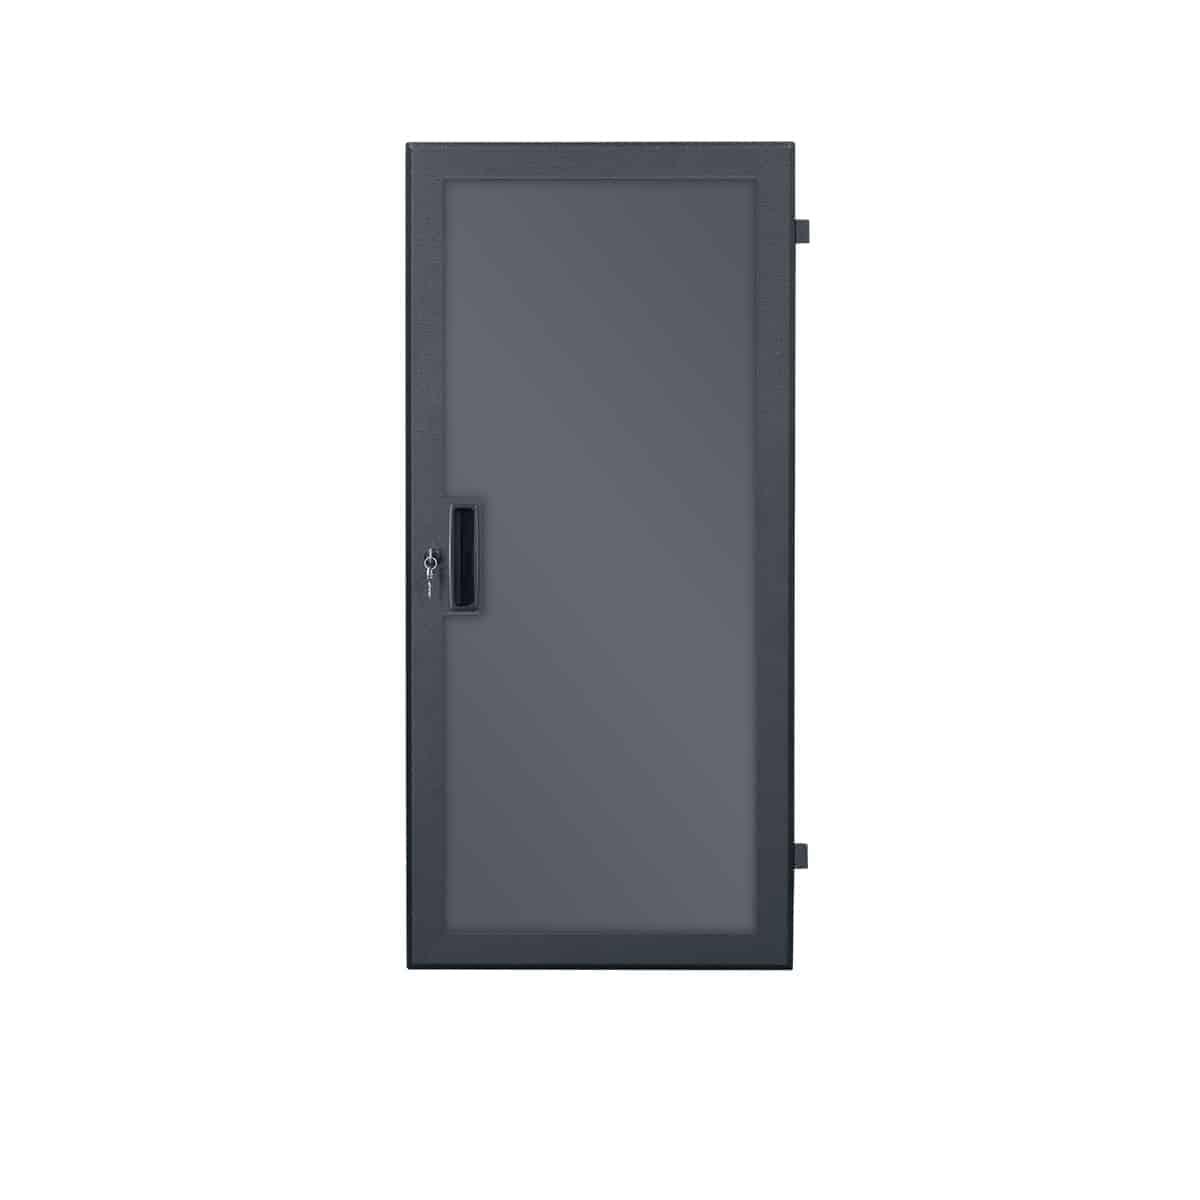 rack door